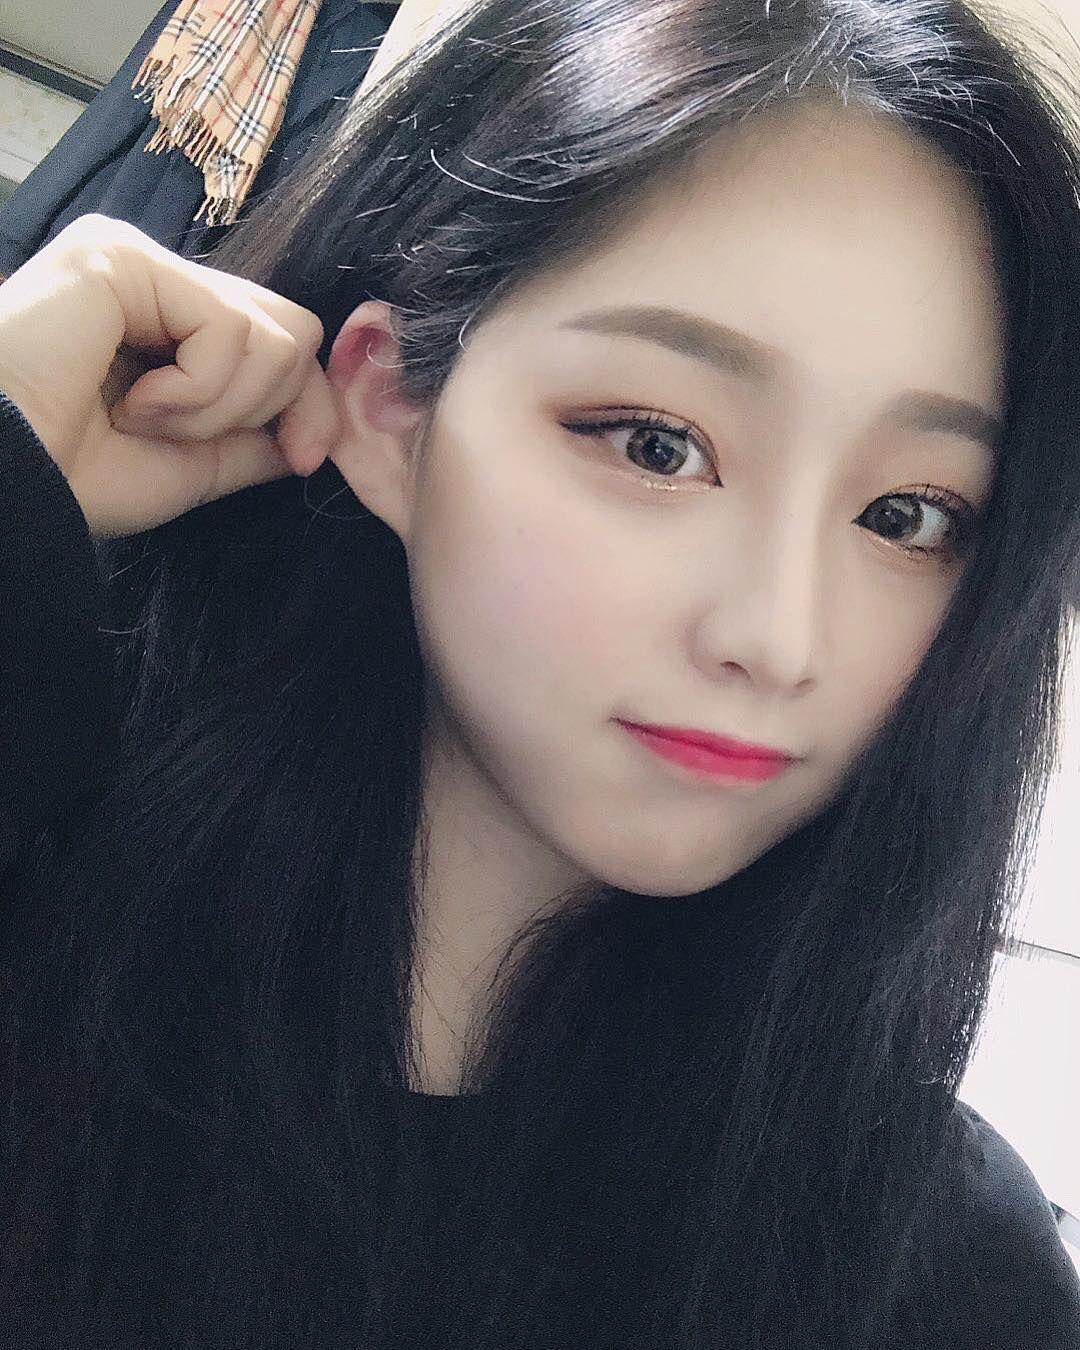 низкие кореянки фото самое главное